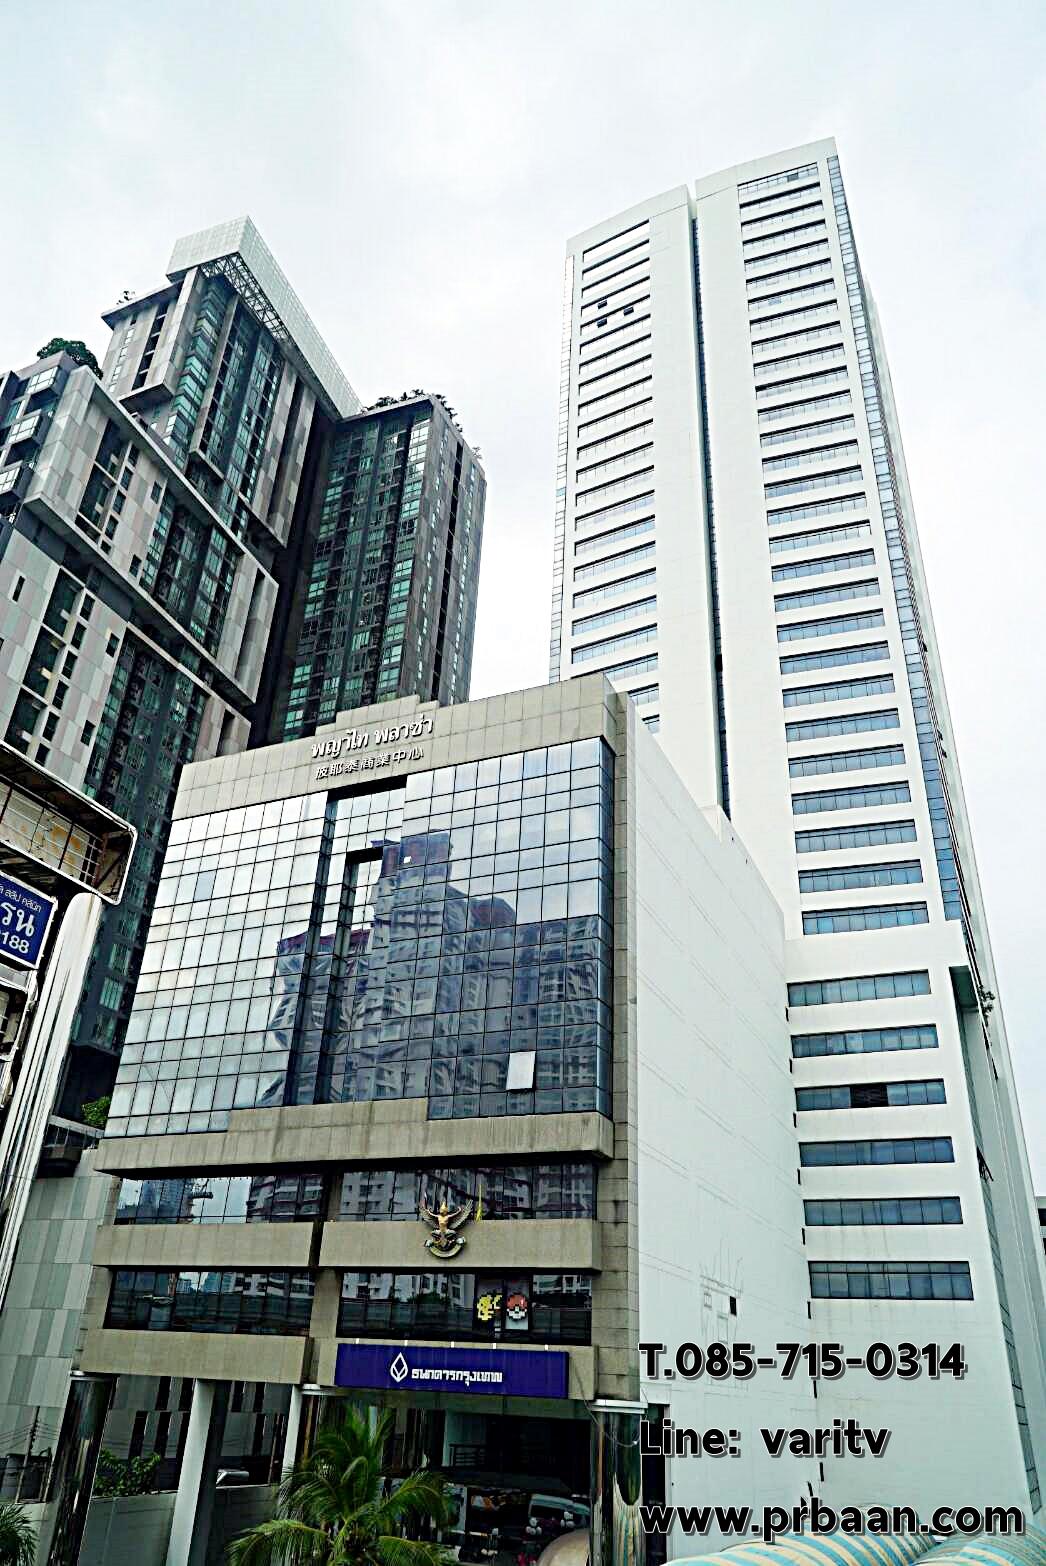 ขายพื้นที่ออฟฟิศ อาคาร พญาไท พลาซ่า ติดรถไฟฟ้า BTS และ แอร์พอร์ทลิงค์ พญาไท เพียง 50 ม. ขายพร้อมผู้เช่ามีรายได้ปีละ 1 ล้านบาท